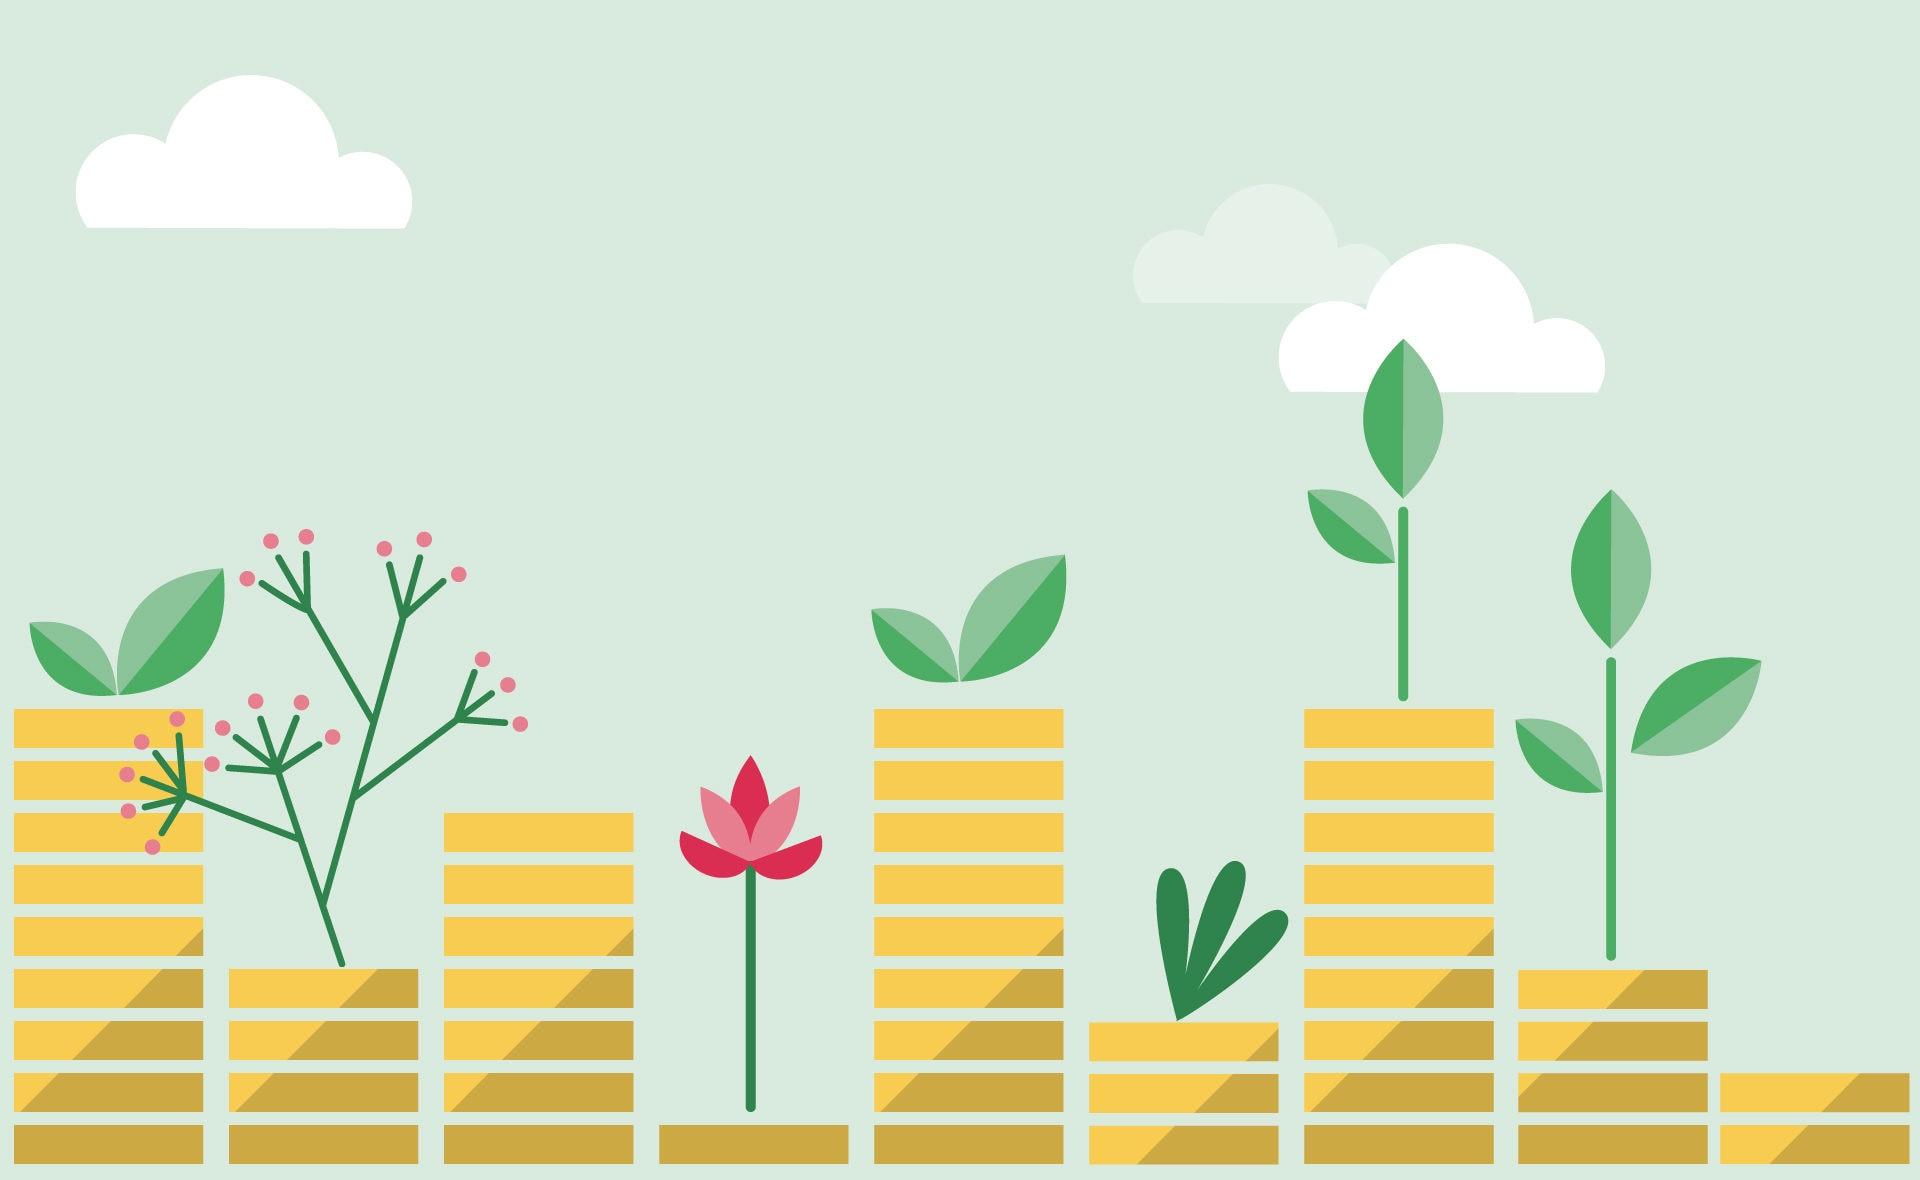 Fotografía de Finanzas sostenibles, verde, crecimiento, dinero, sostenibilidad